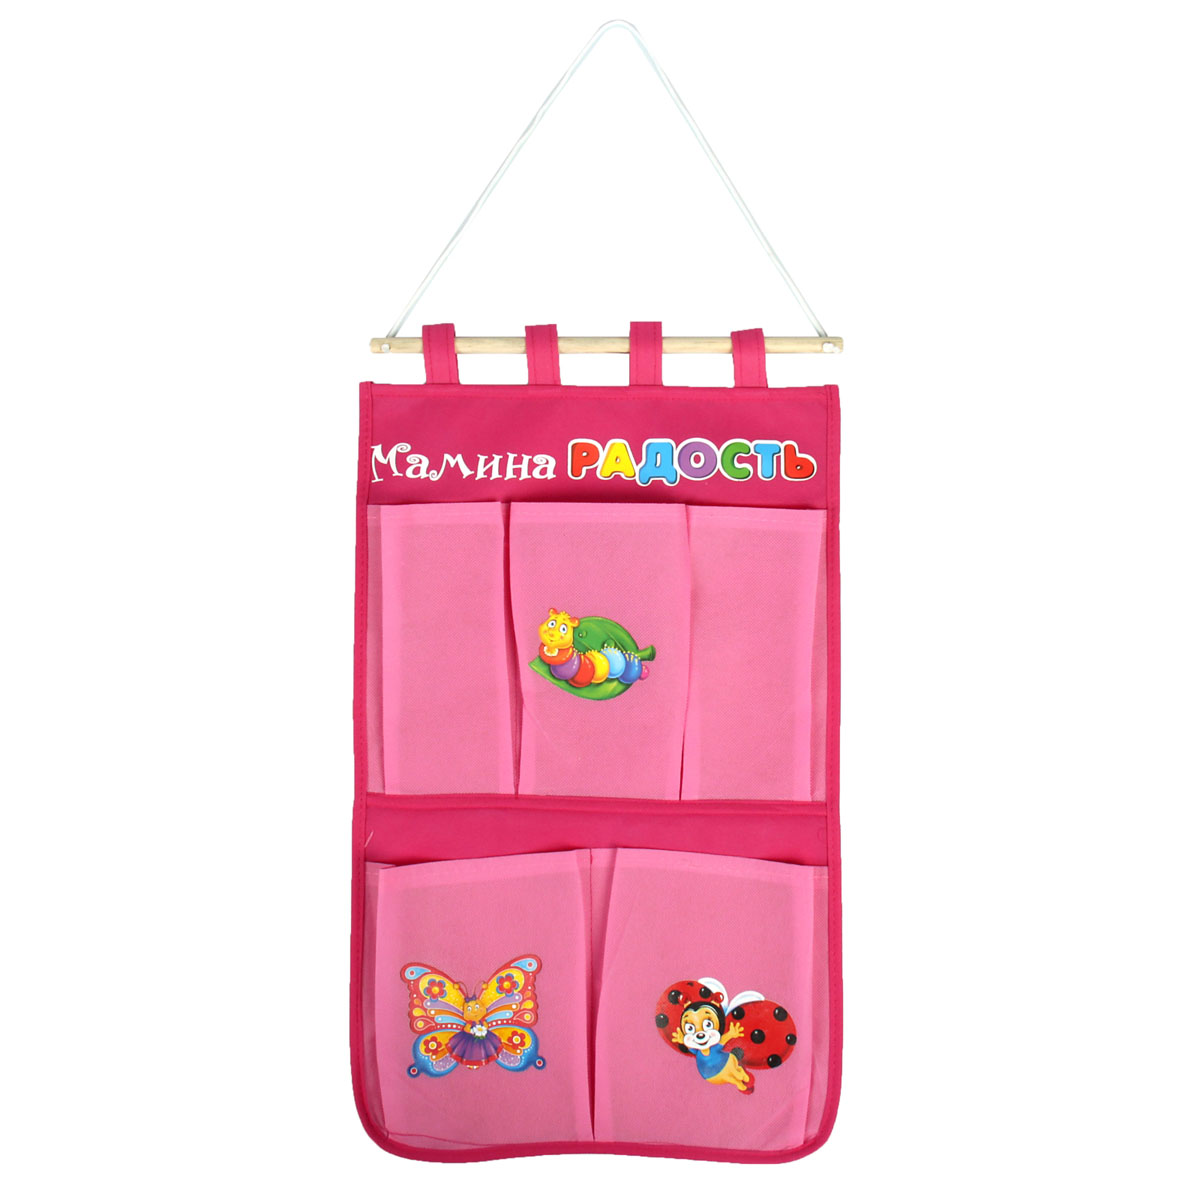 Кармашки на стену Sima-land Мамина радость, цвет: розовый, 5 шт19201Кармашки на стену Sima-land Мамина радость, изготовленные из текстиля, предназначены для хранения необходимых вещей, множества мелочей в гардеробной, ванной, детской комнатах. Изделие представляет собой текстильное полотно с 5 пришитыми кармашками. Благодаря деревянной планке и шнурку, кармашки можно подвесить на стену или дверь в необходимом для вас месте.Кармашки декорированы изображениями гусеницы, бабочки и божьей коровки.Этот нужный предмет может стать одновременно и декоративным элементом комнаты. Яркий дизайн, как ничто иное, способен оживить интерьер вашего дома.